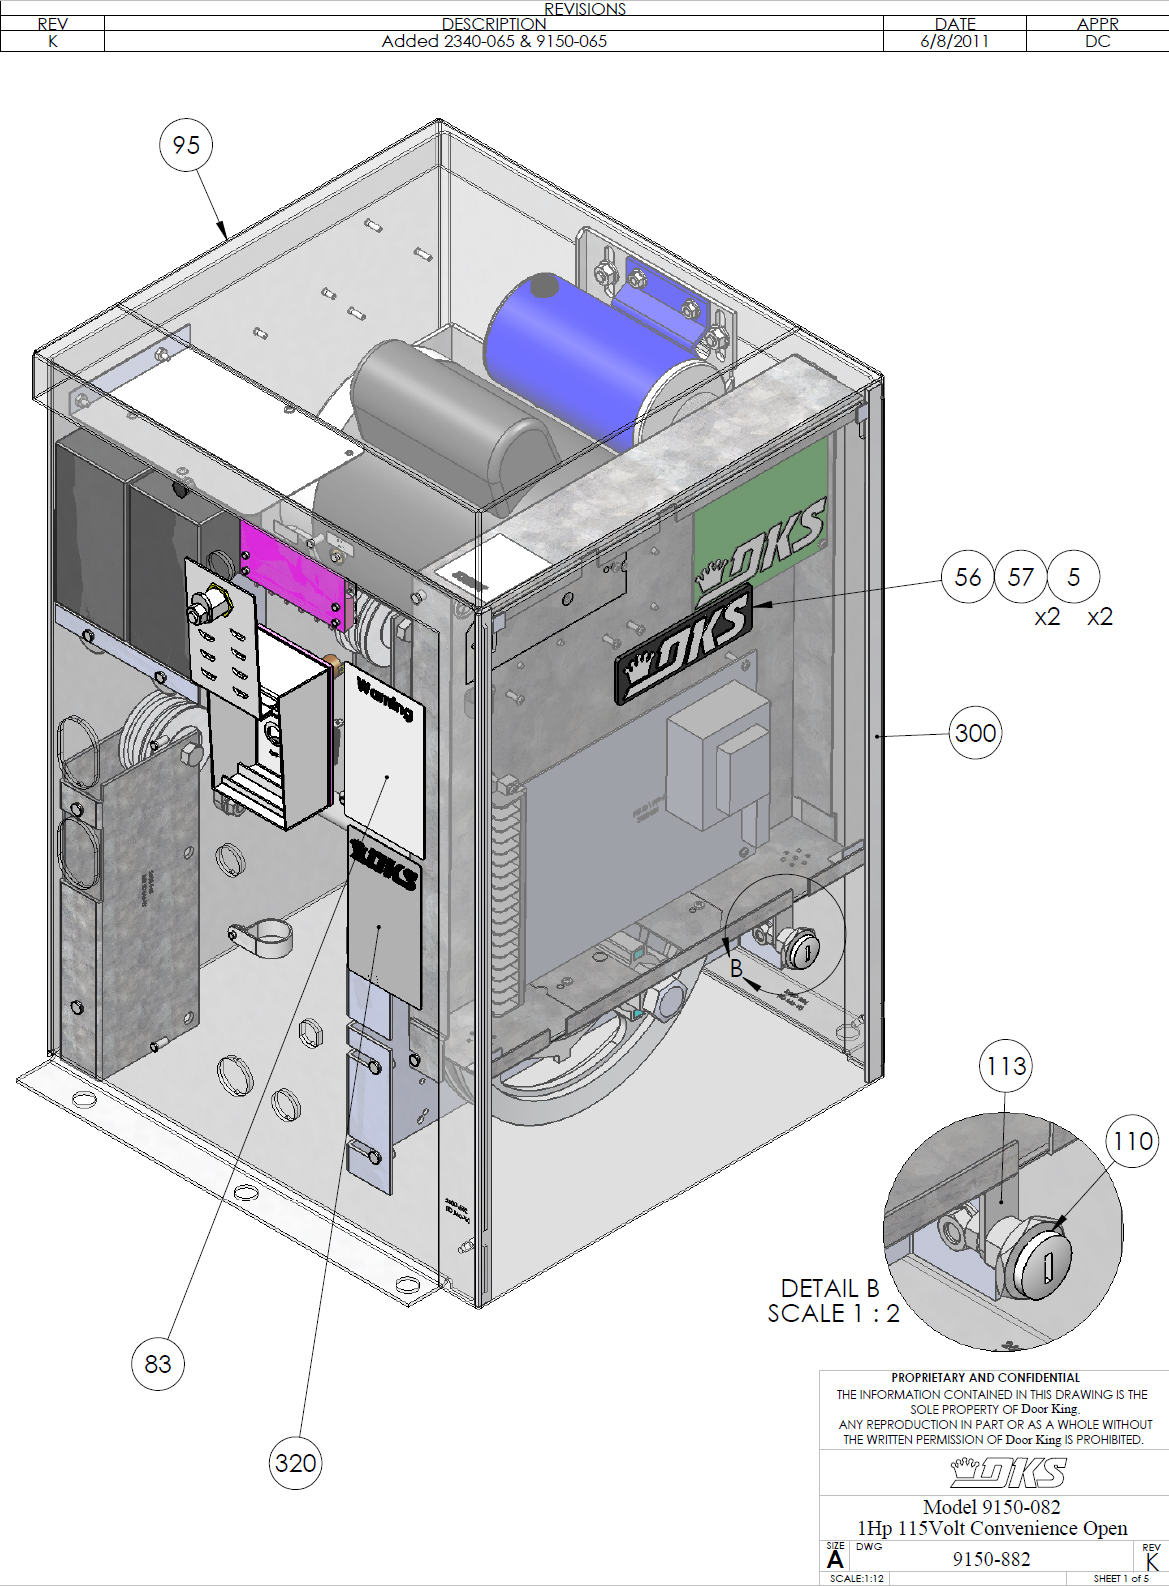 Doorking parts slide gate operators